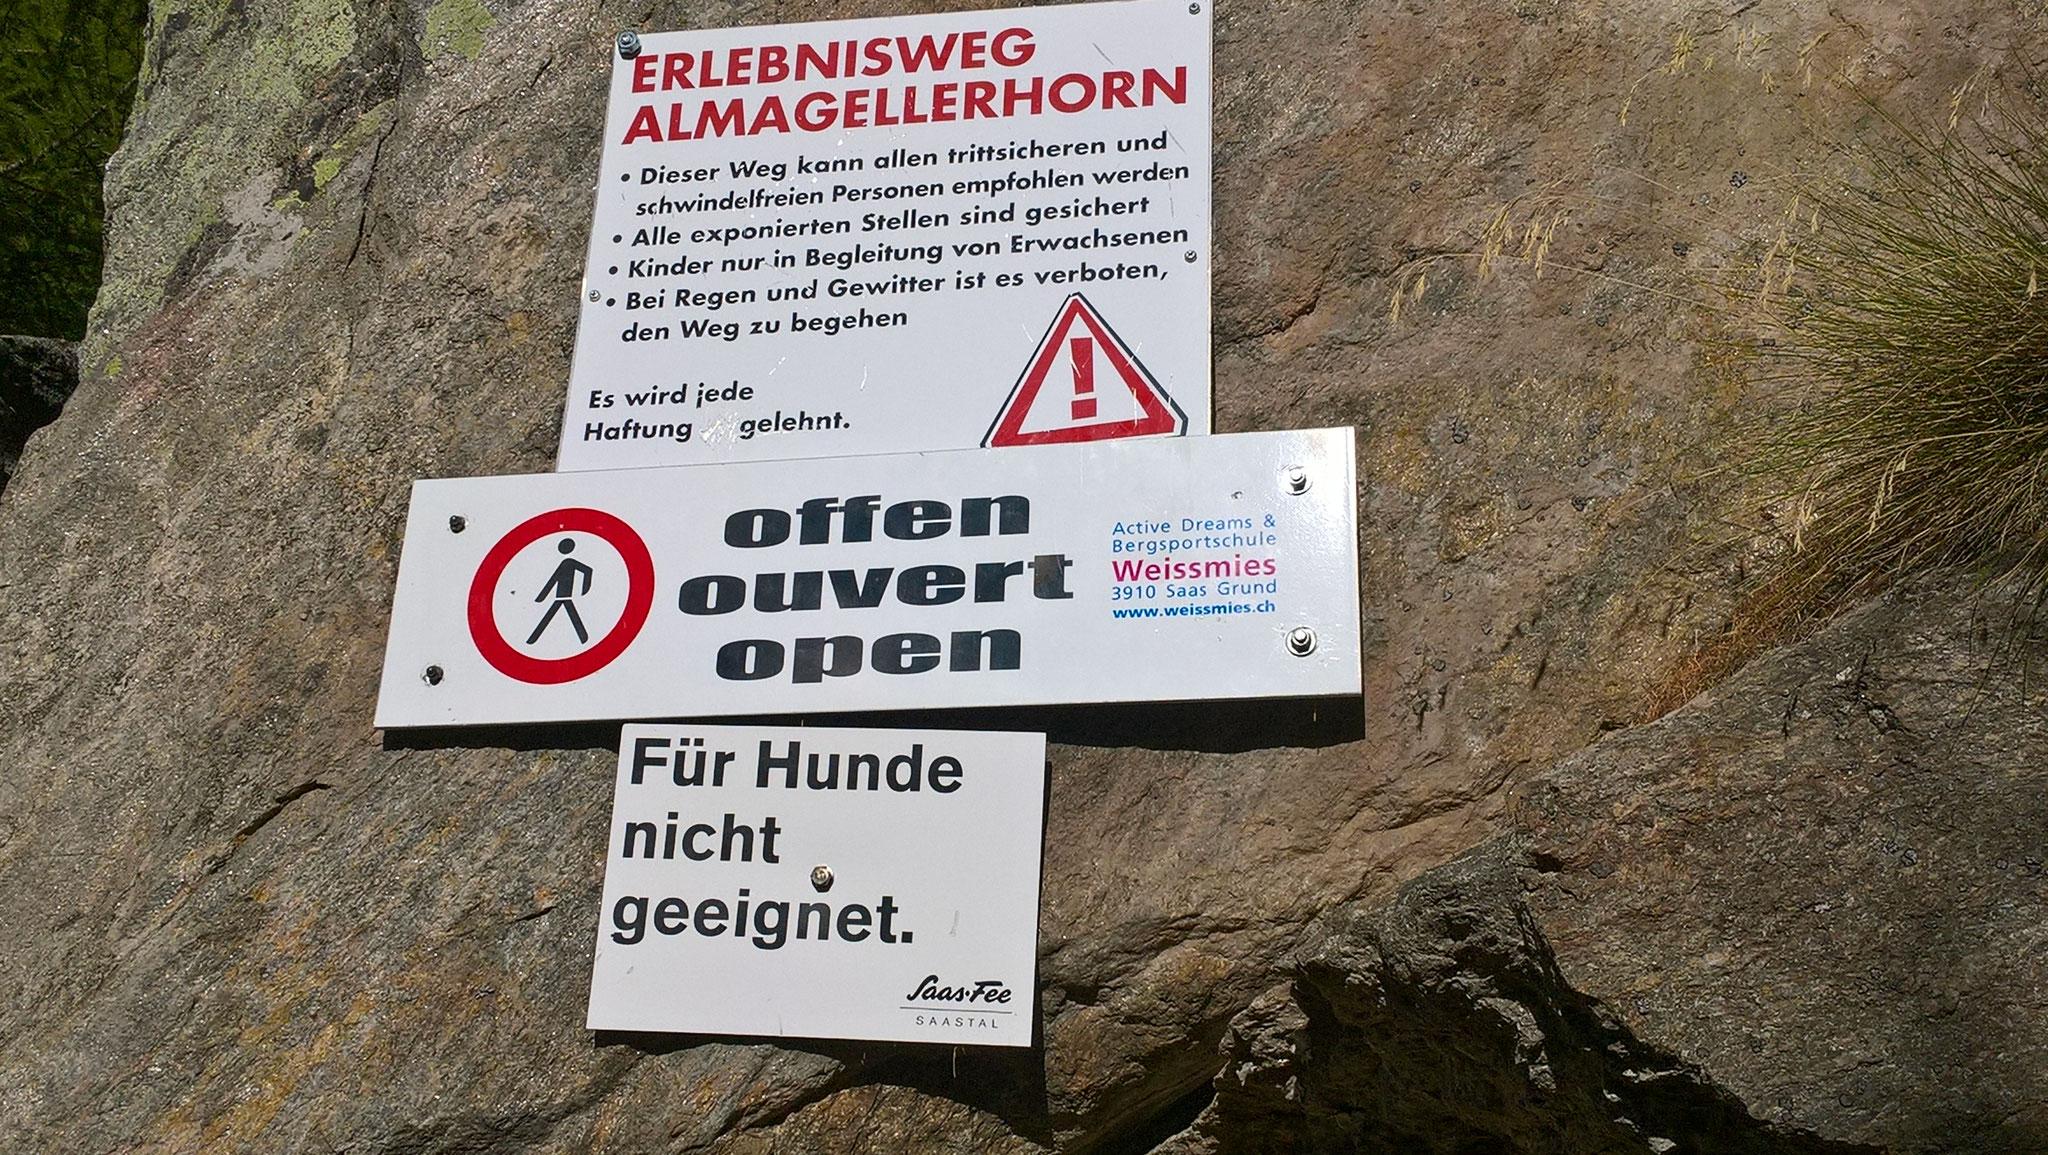 Start zum Erlebnisweg Almagellerhorn